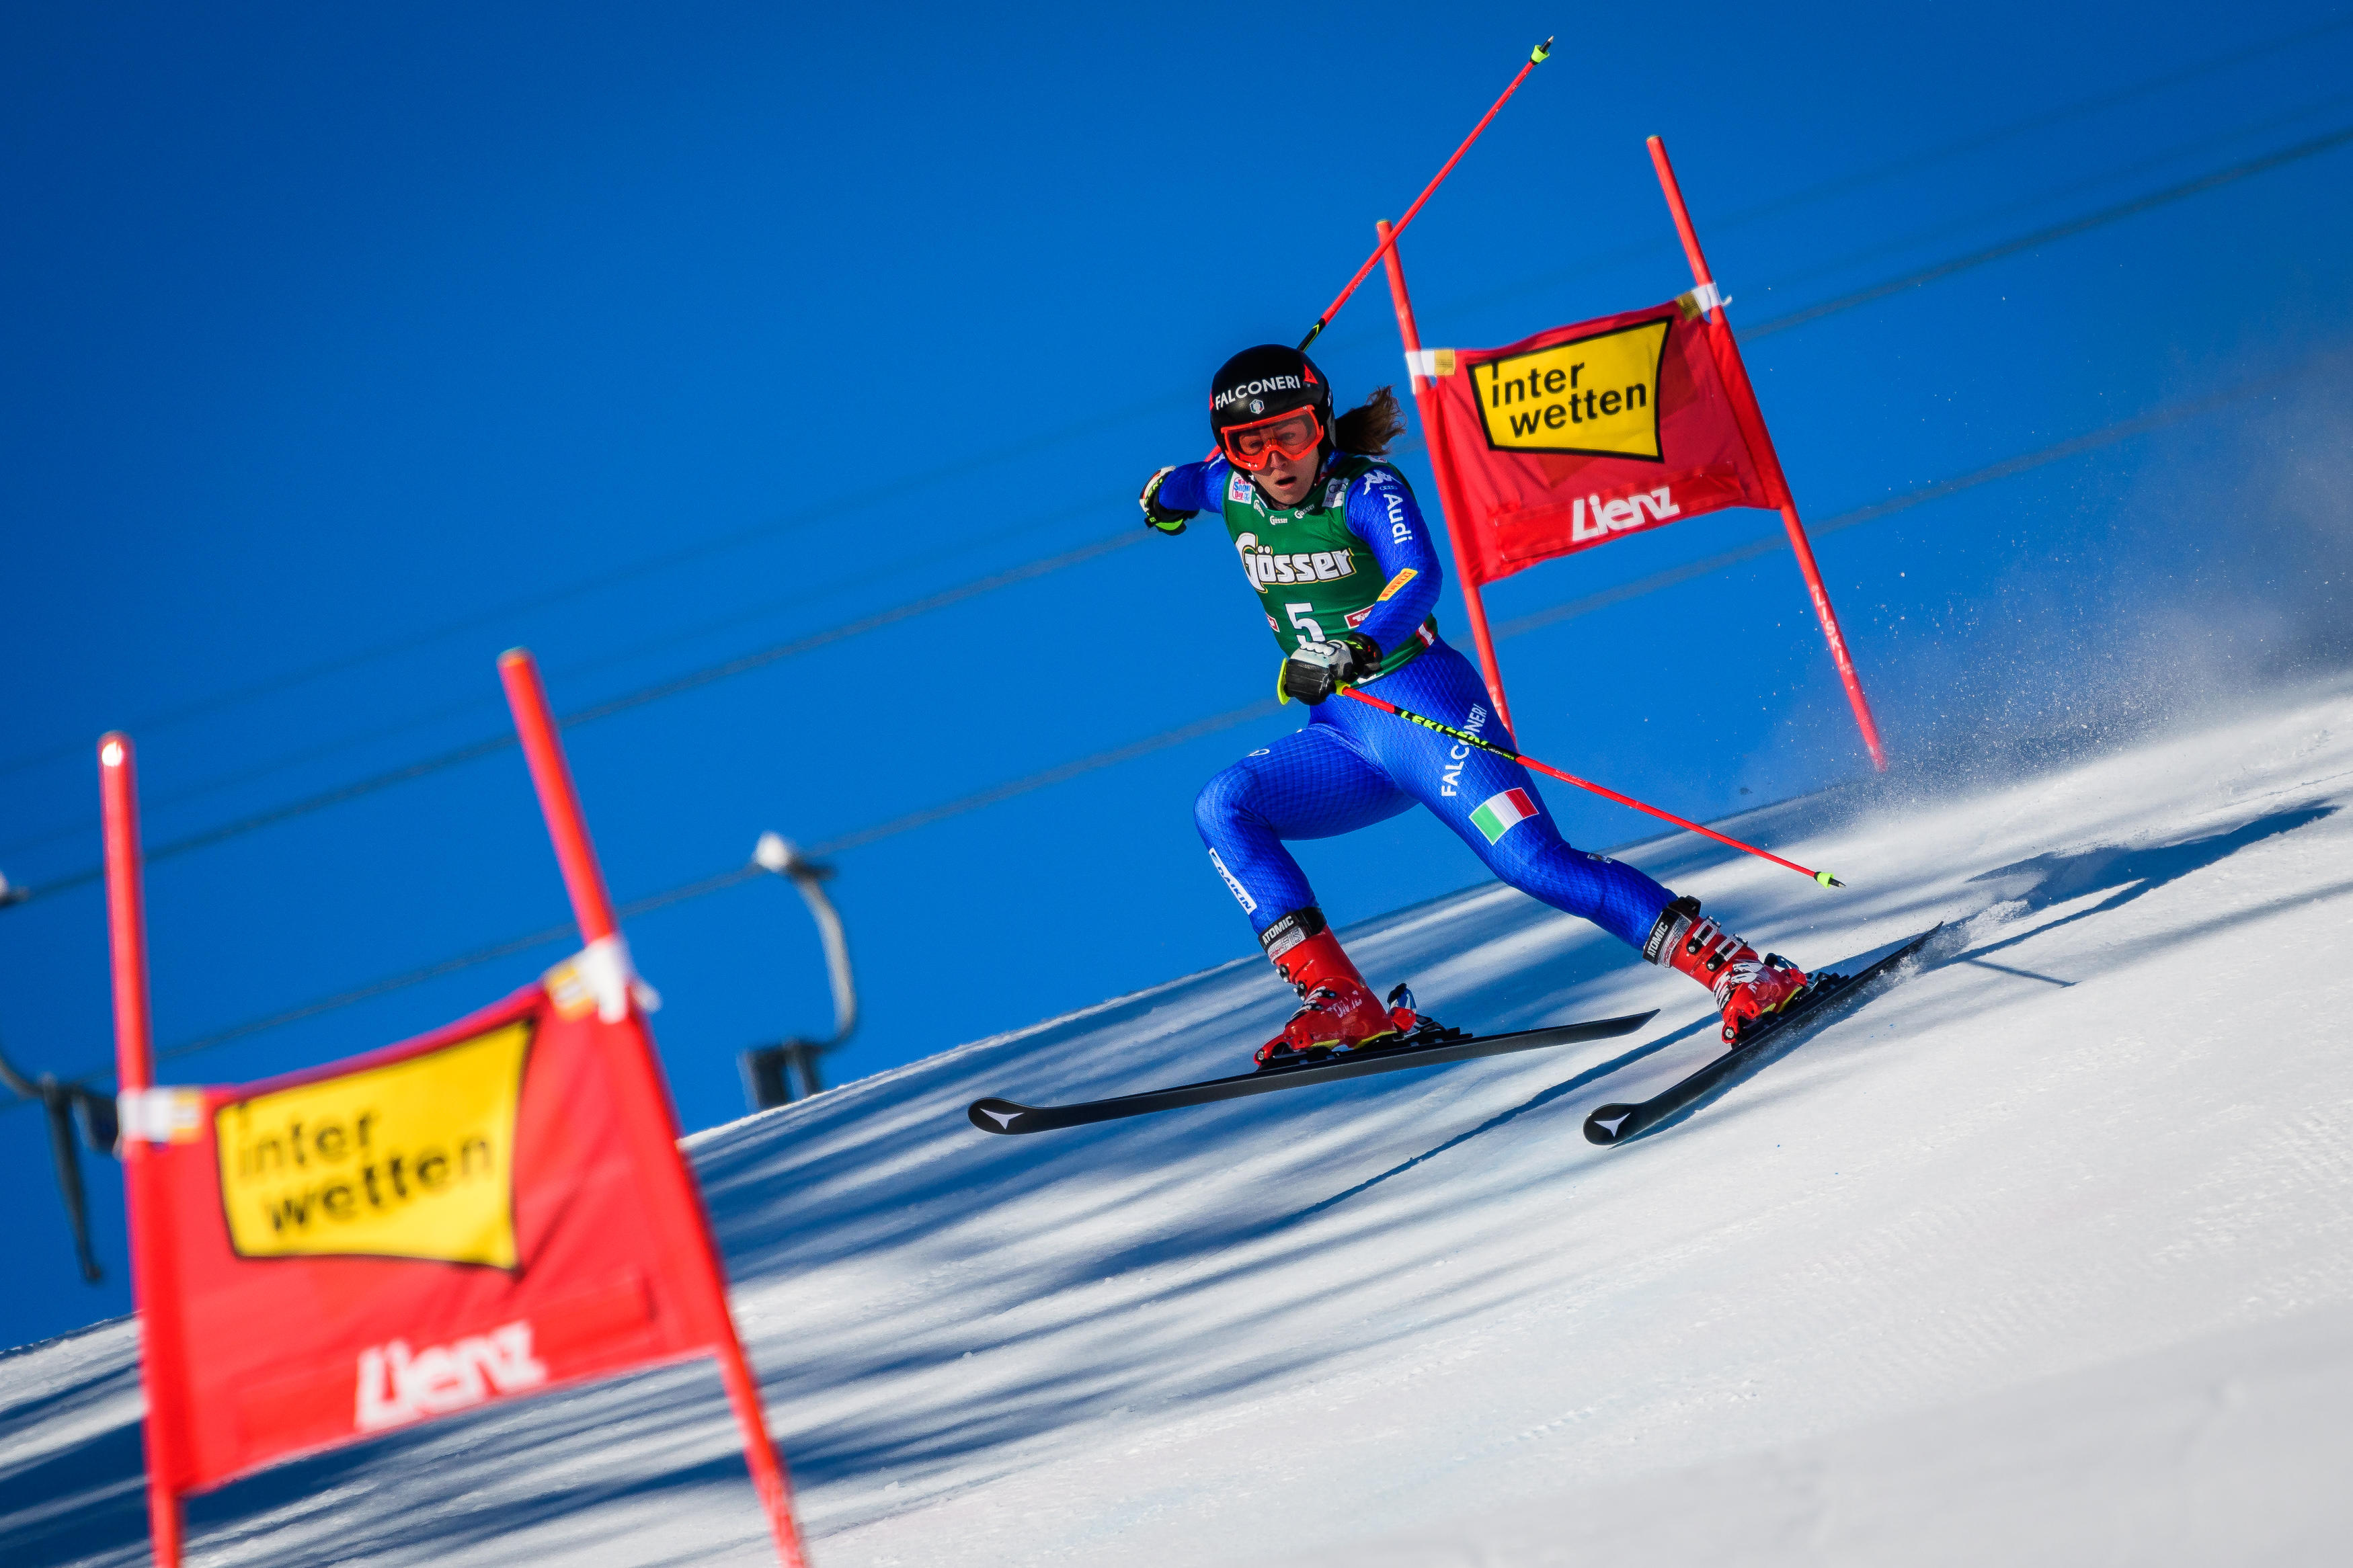 Le foto più belle della sciatrice Sofia Goggia, oro alle Olimpiadi / Image 9